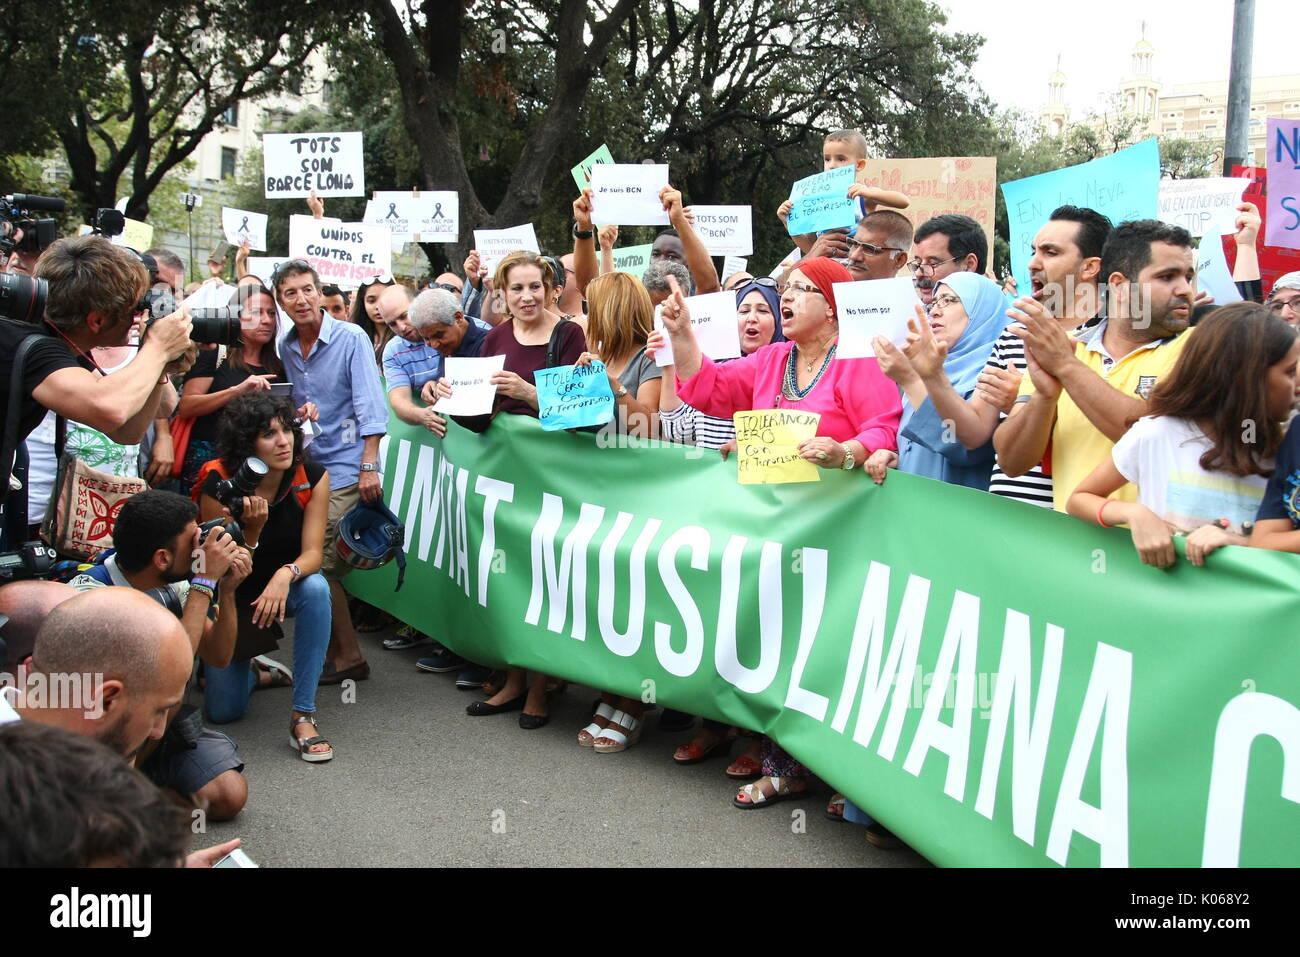 Barcelona, Spanien. 21 Aug, 2017. Spanien muslimischen Comunity bei einer Demonstration gegen Barcelona Terroranschläge in Catalunya Square am Montag, den 21. August 2017. Credit: Gtres Información más Comuniación auf Linie, S.L./Alamy leben Nachrichten Stockfoto